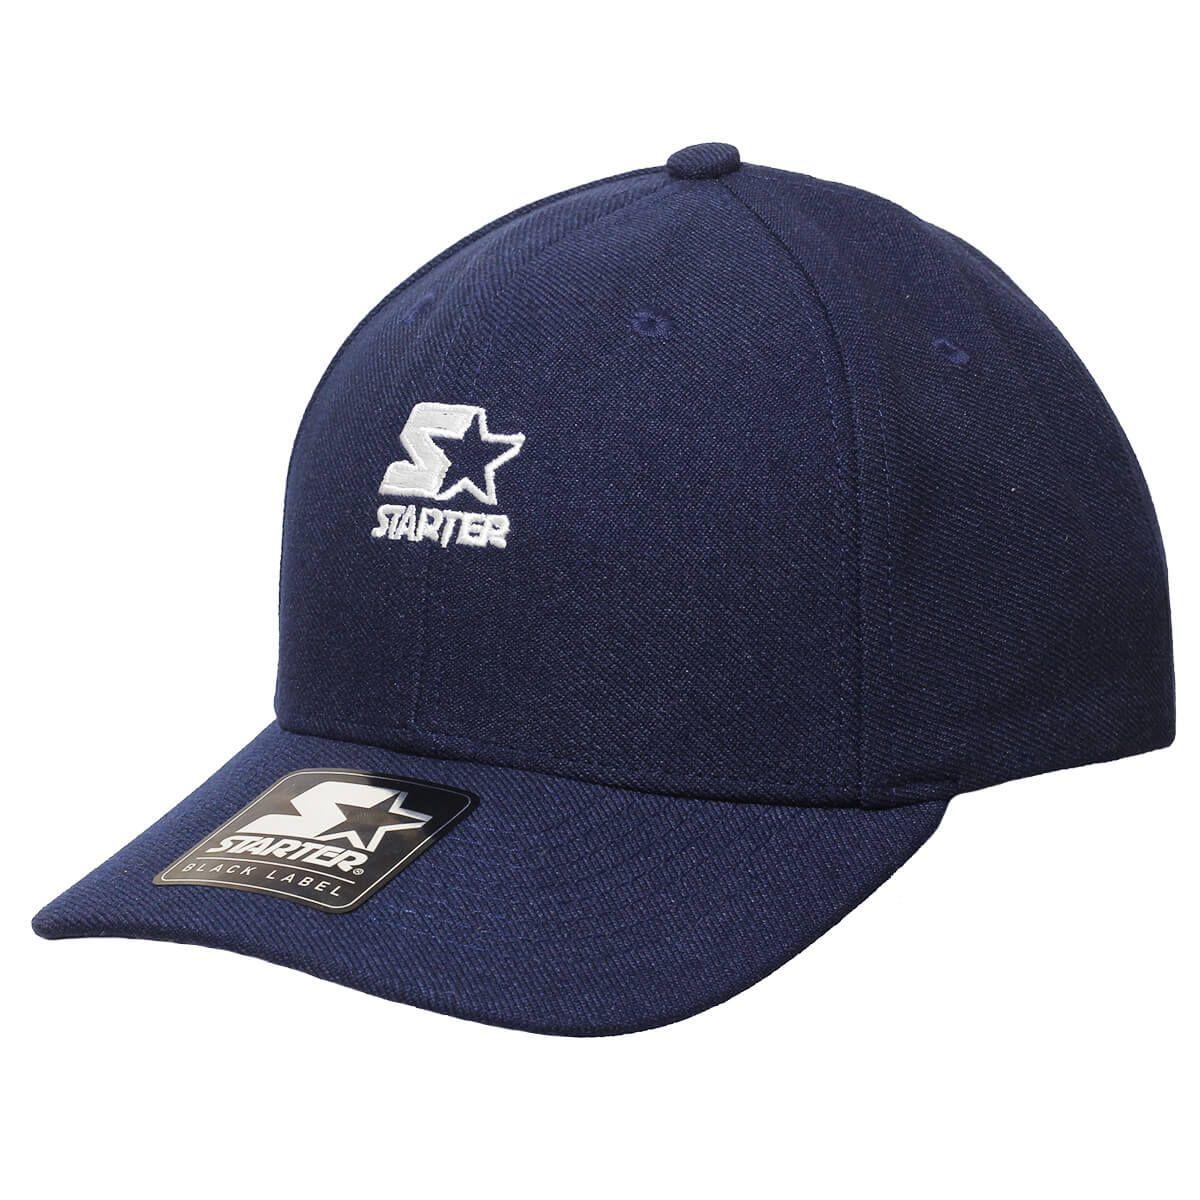 Boné Starter Aba Curva Strapback Mini Logo Colors Azul Escuro